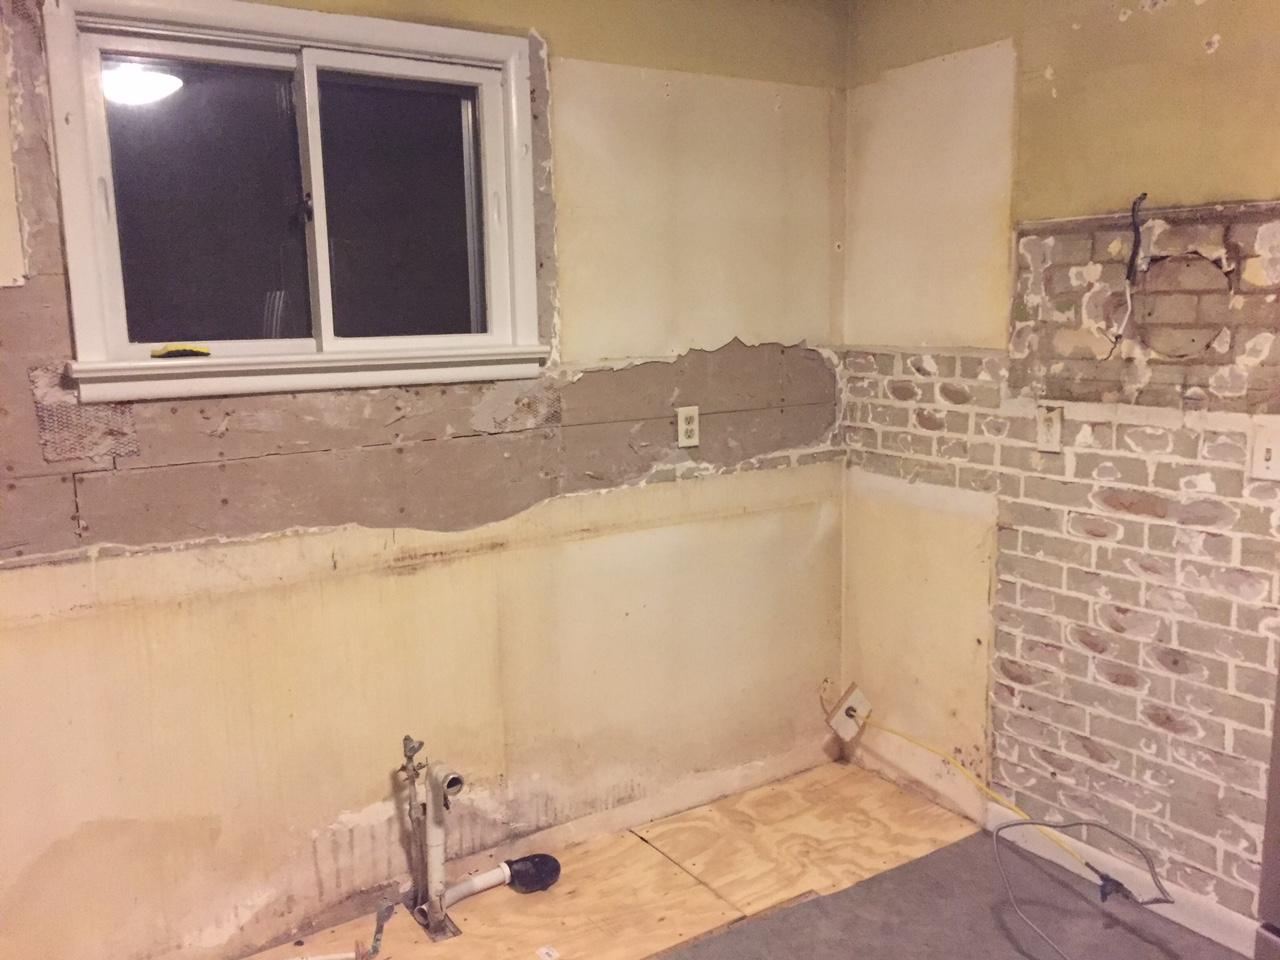 Demo'd kitchen